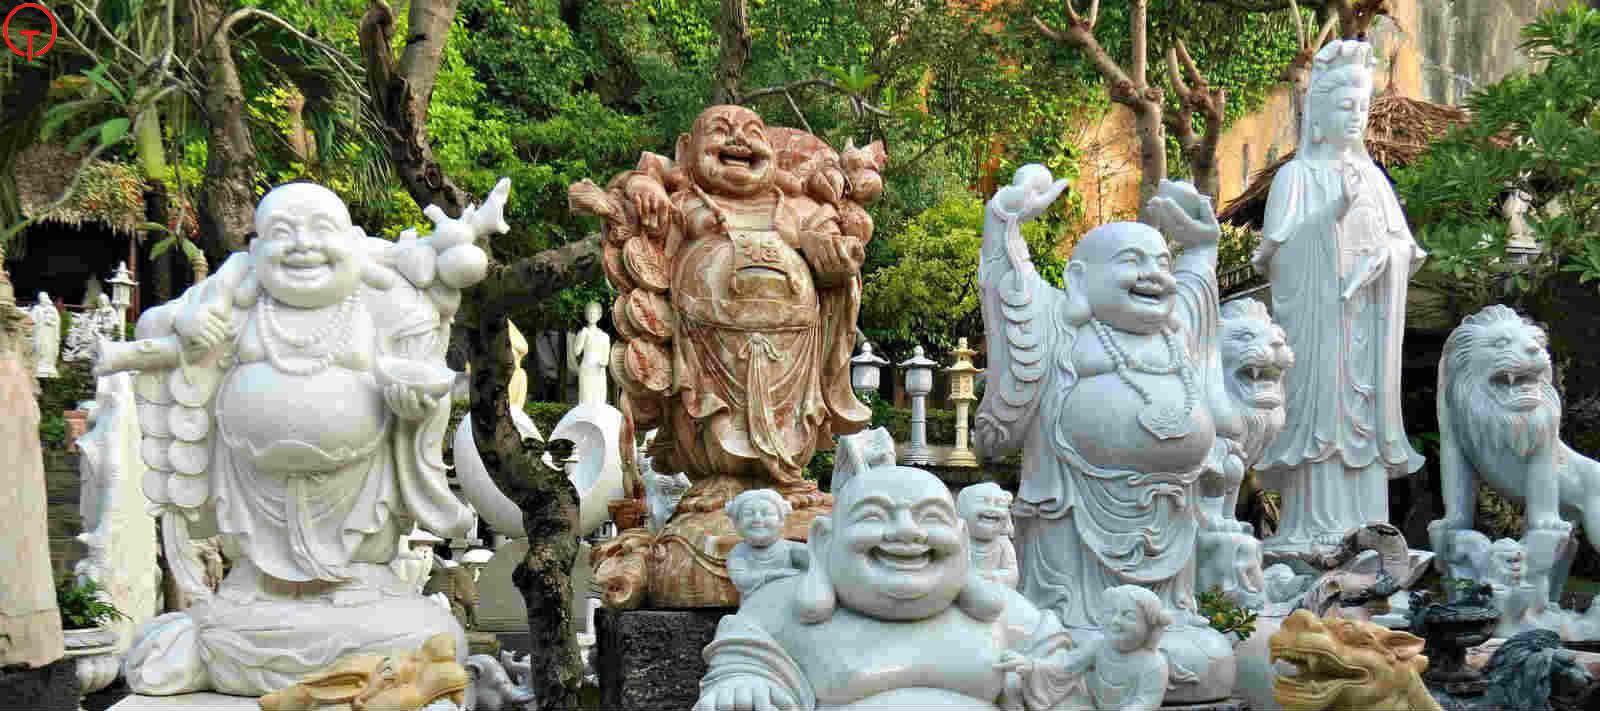 Làng đá Non Nước Đà Nẵng từ lâu đã nổi tiếng với những tác phẩm đá tinh xảo, ấn tượng